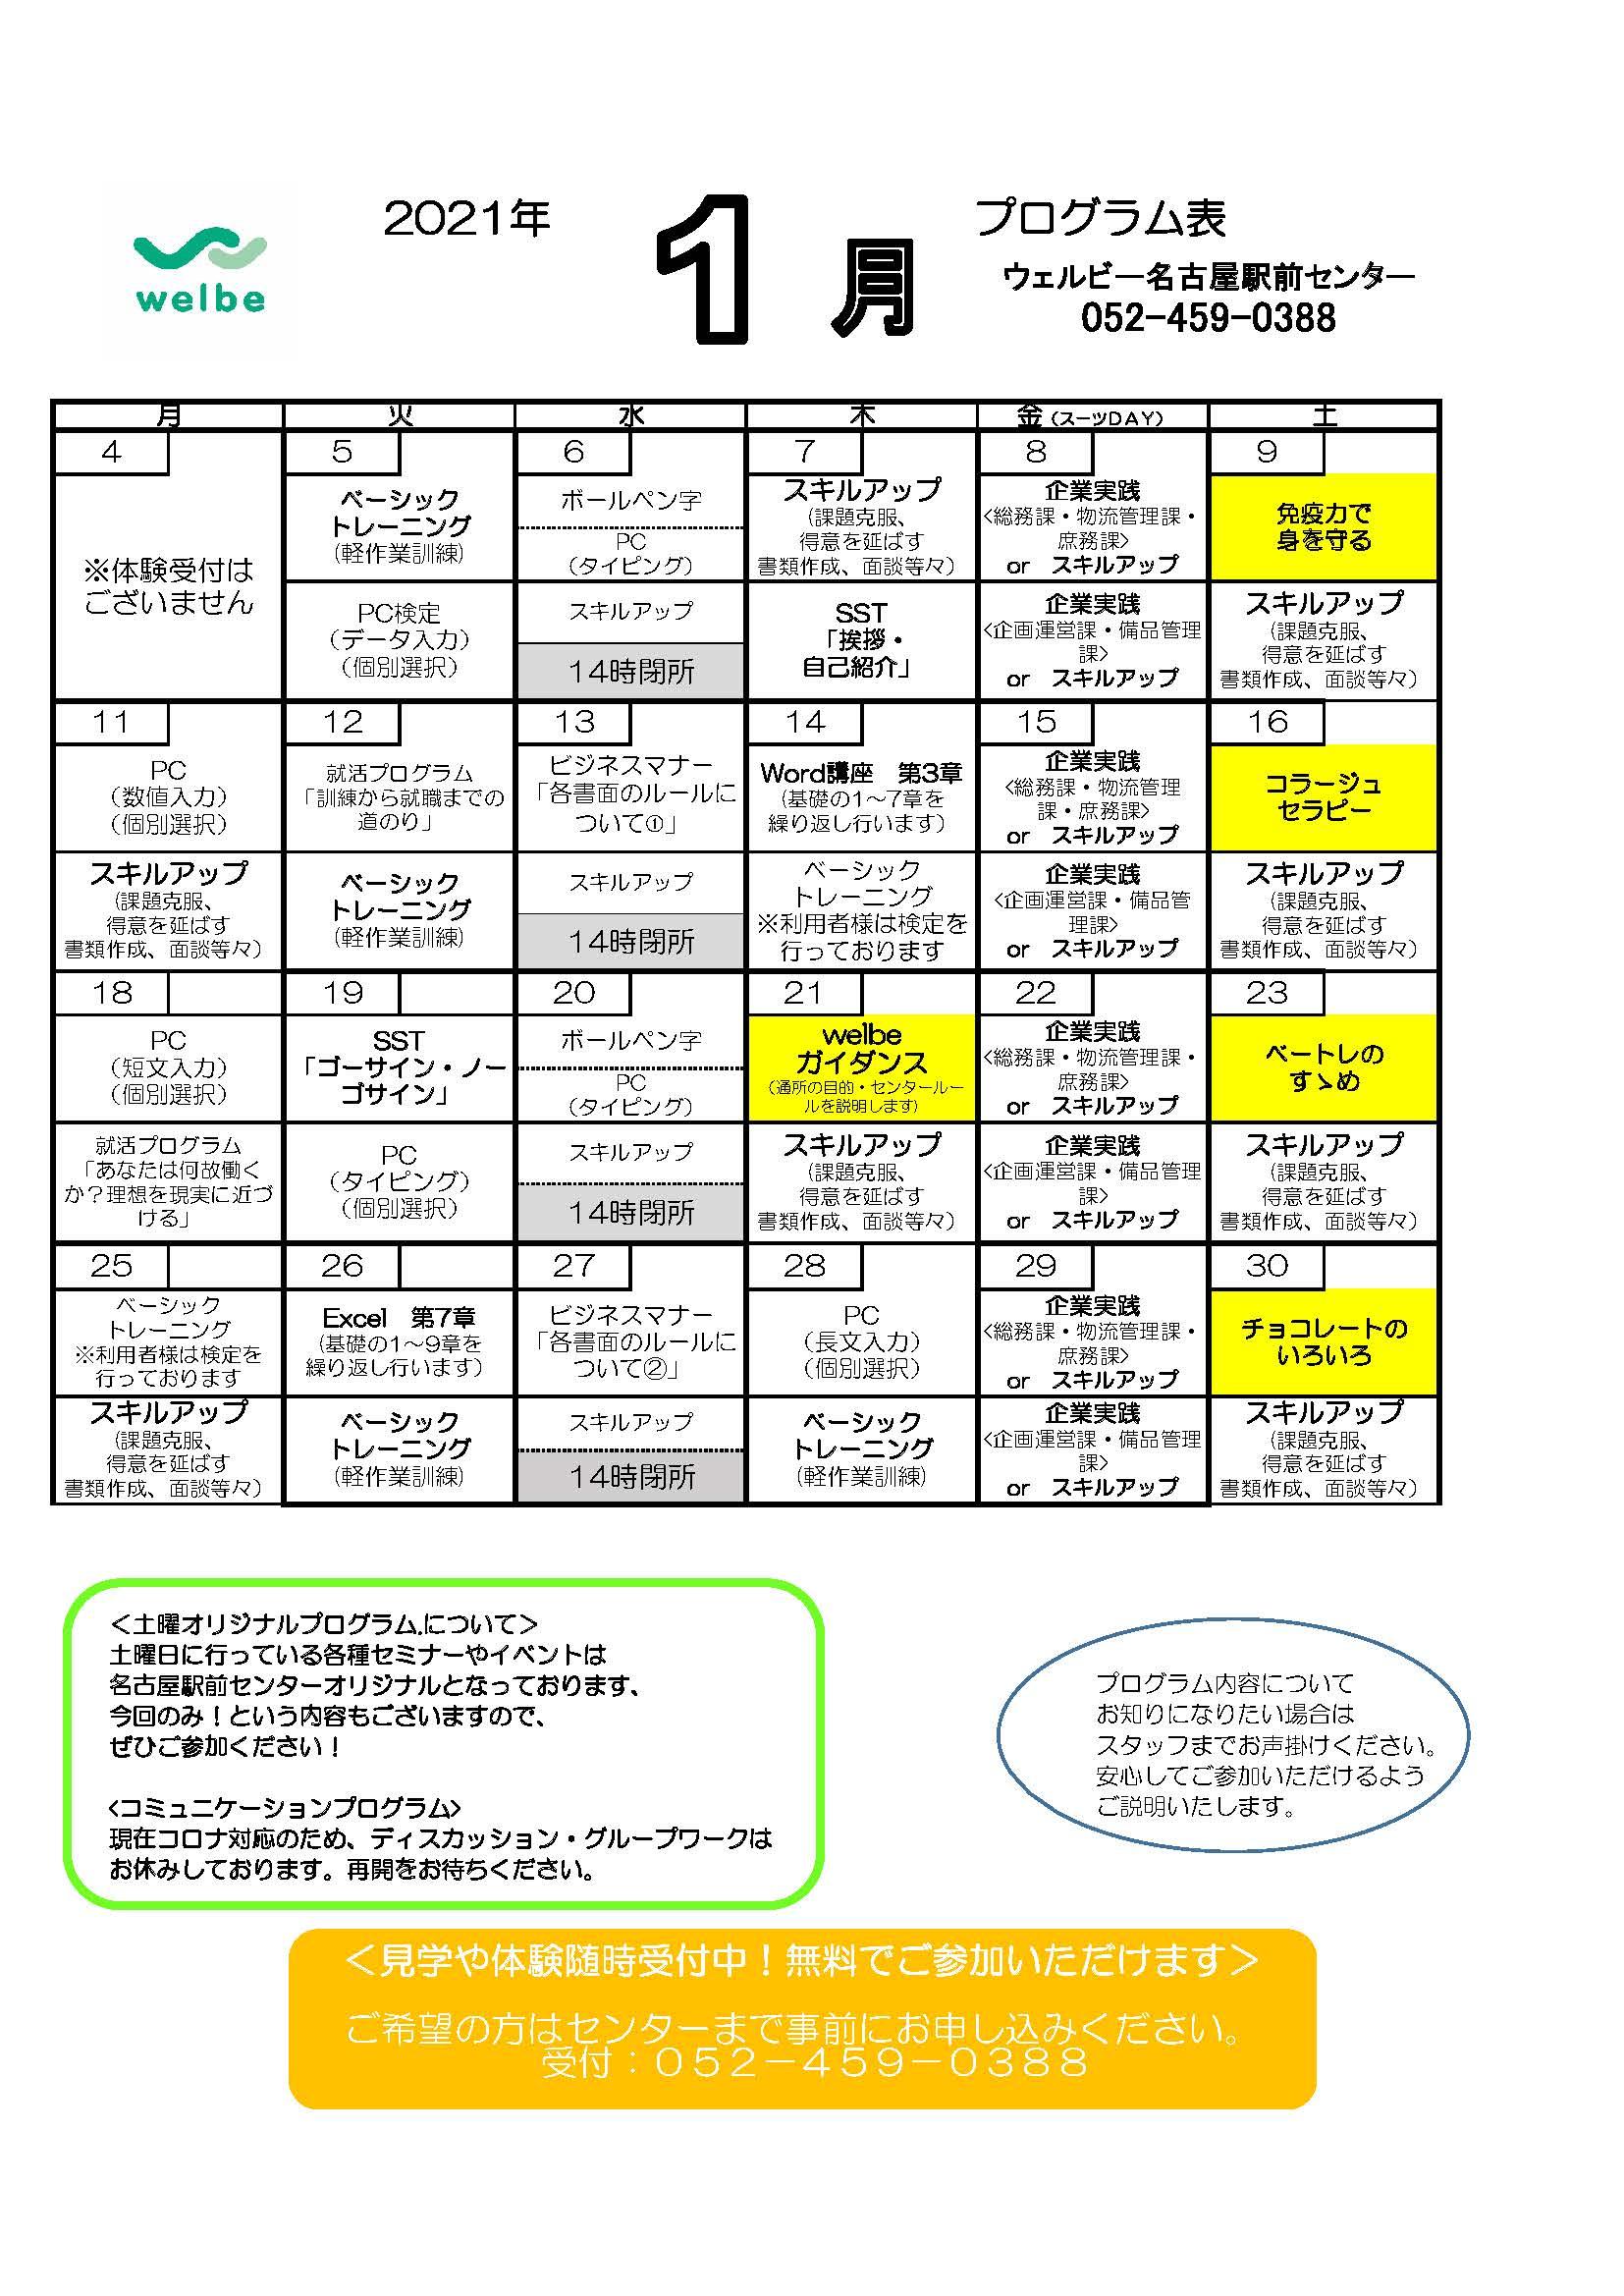 0105イラスト無し2021年1月プログラム表修正版